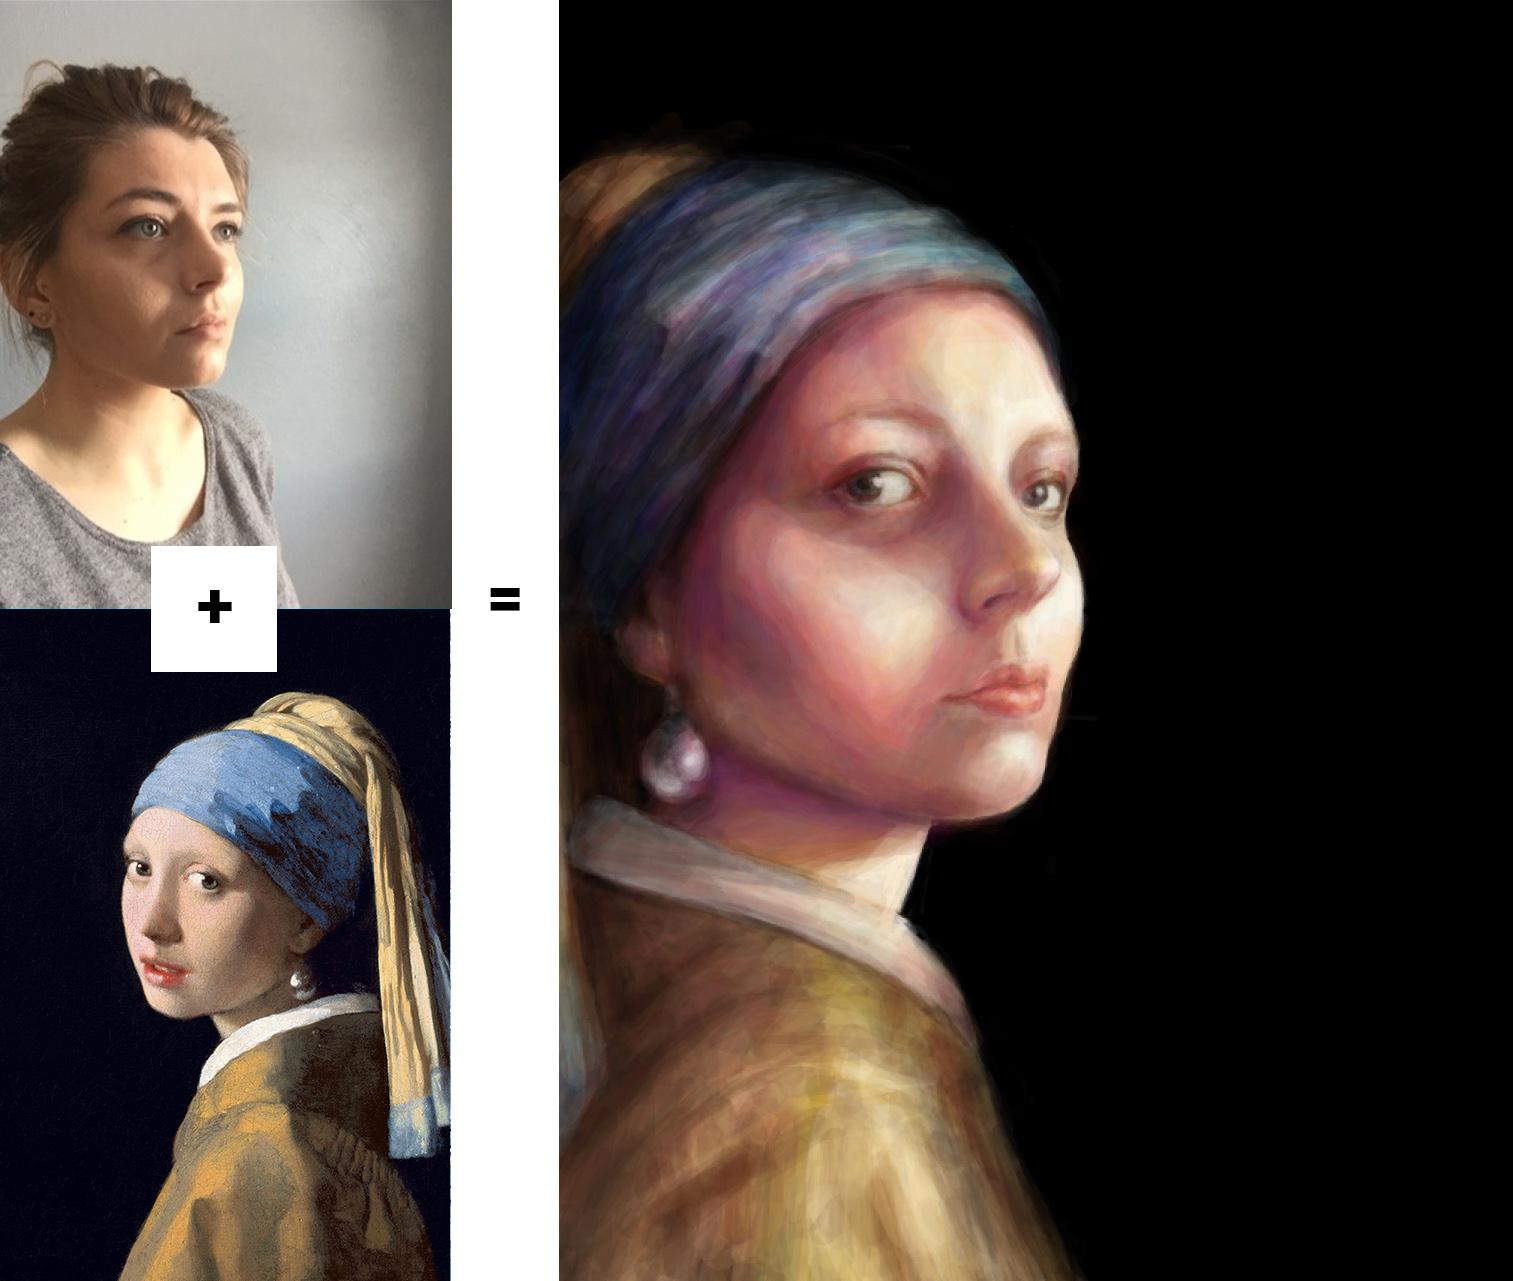 Reflecting on Vermeer